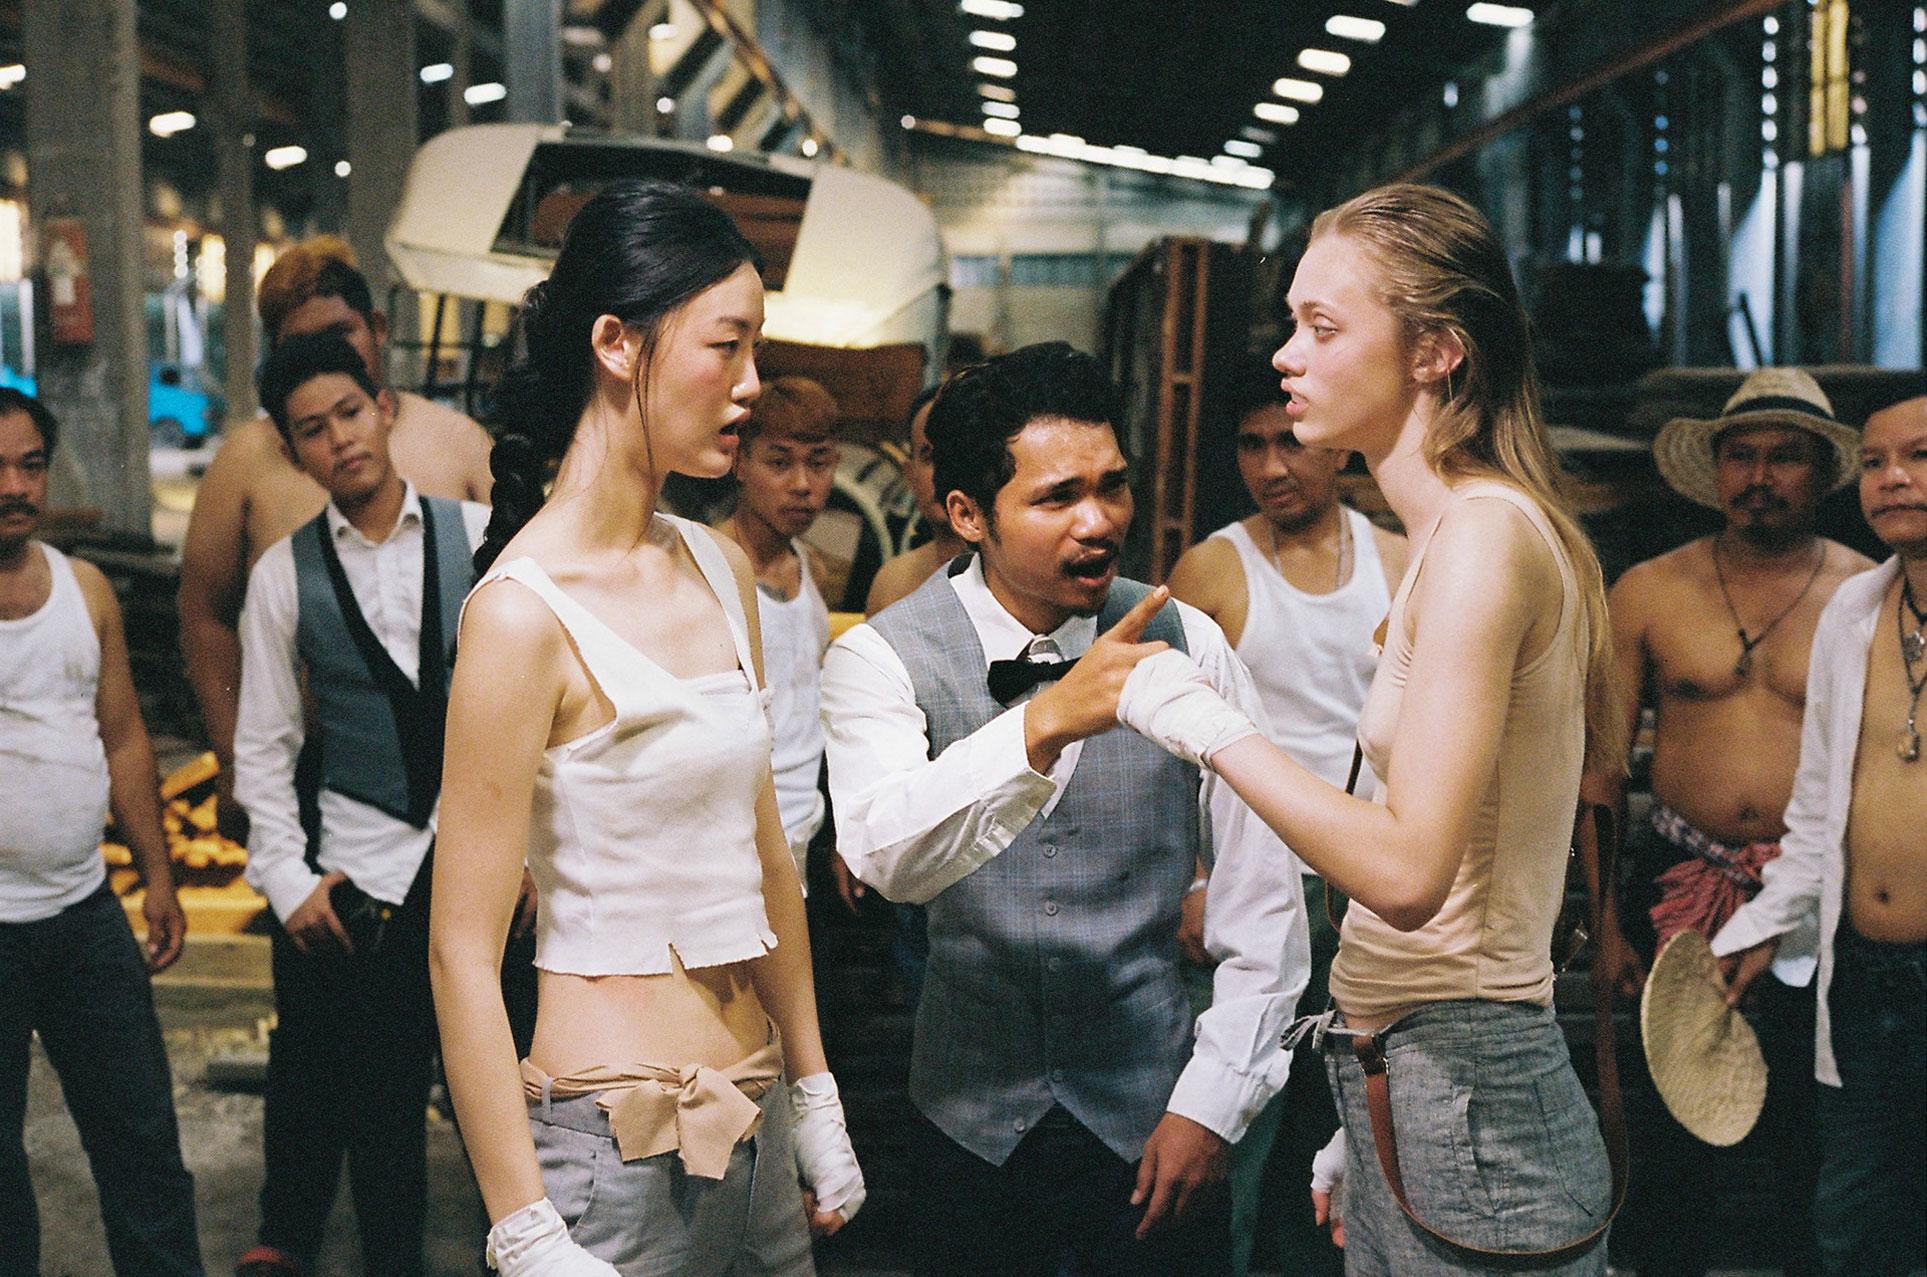 Ксения и Джунг Дахи выясняют отношения на ринге в Таиланде / фото 06